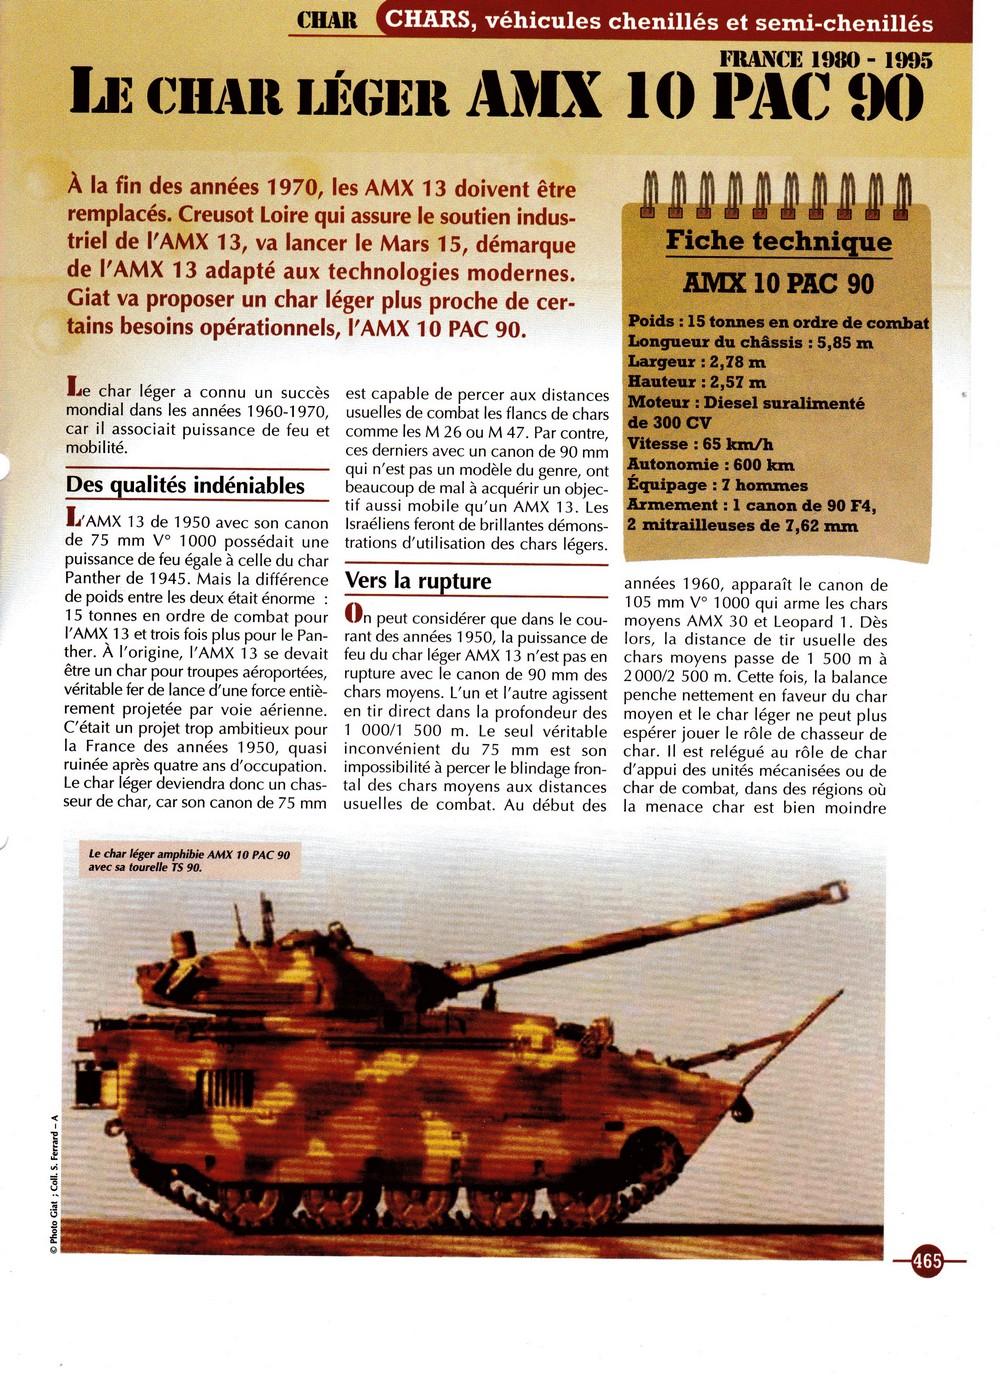 AMX 10 (1)